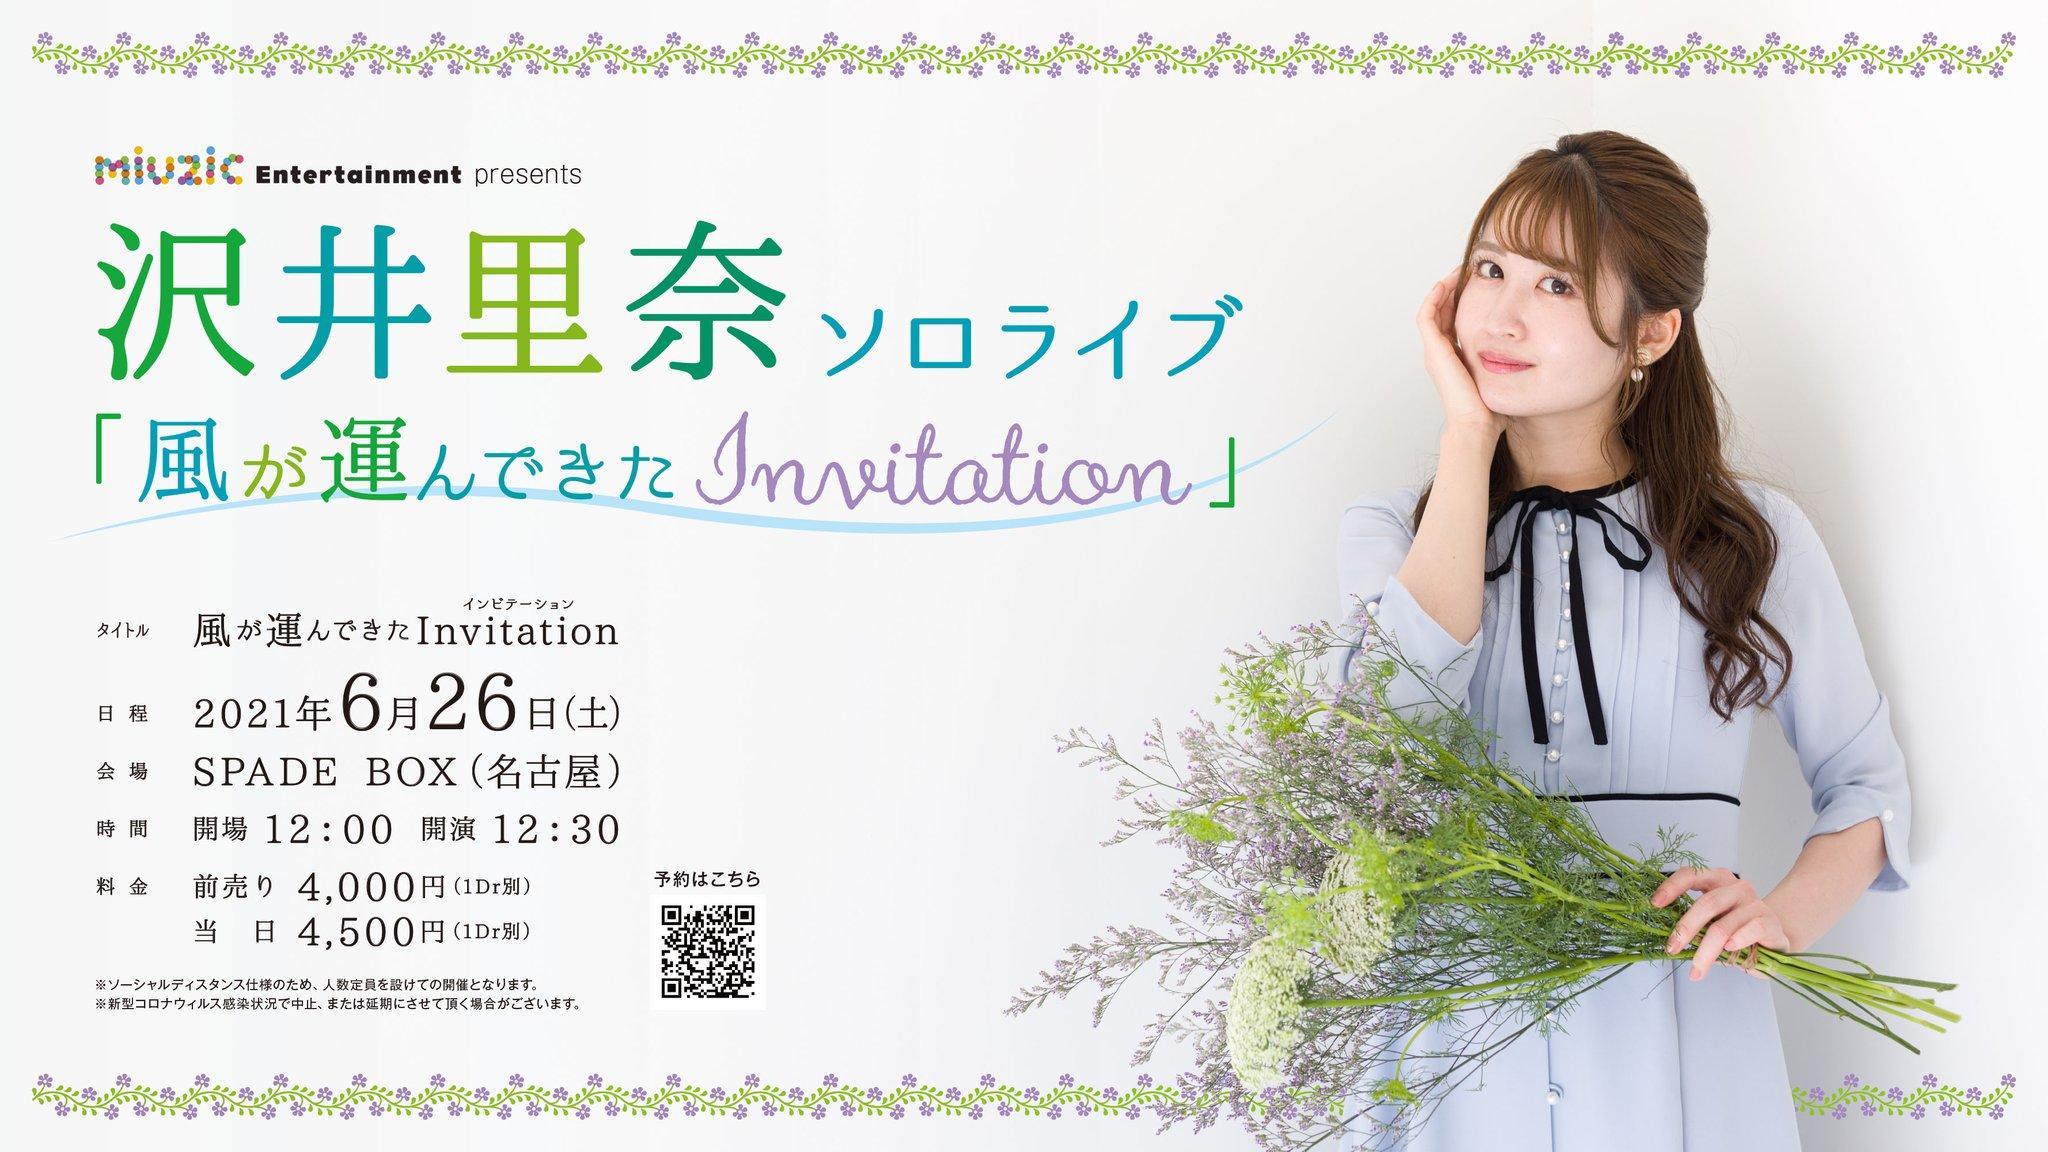 6/26(土) 沢井里奈 ソロライブ 「風が運んできたInvitation」